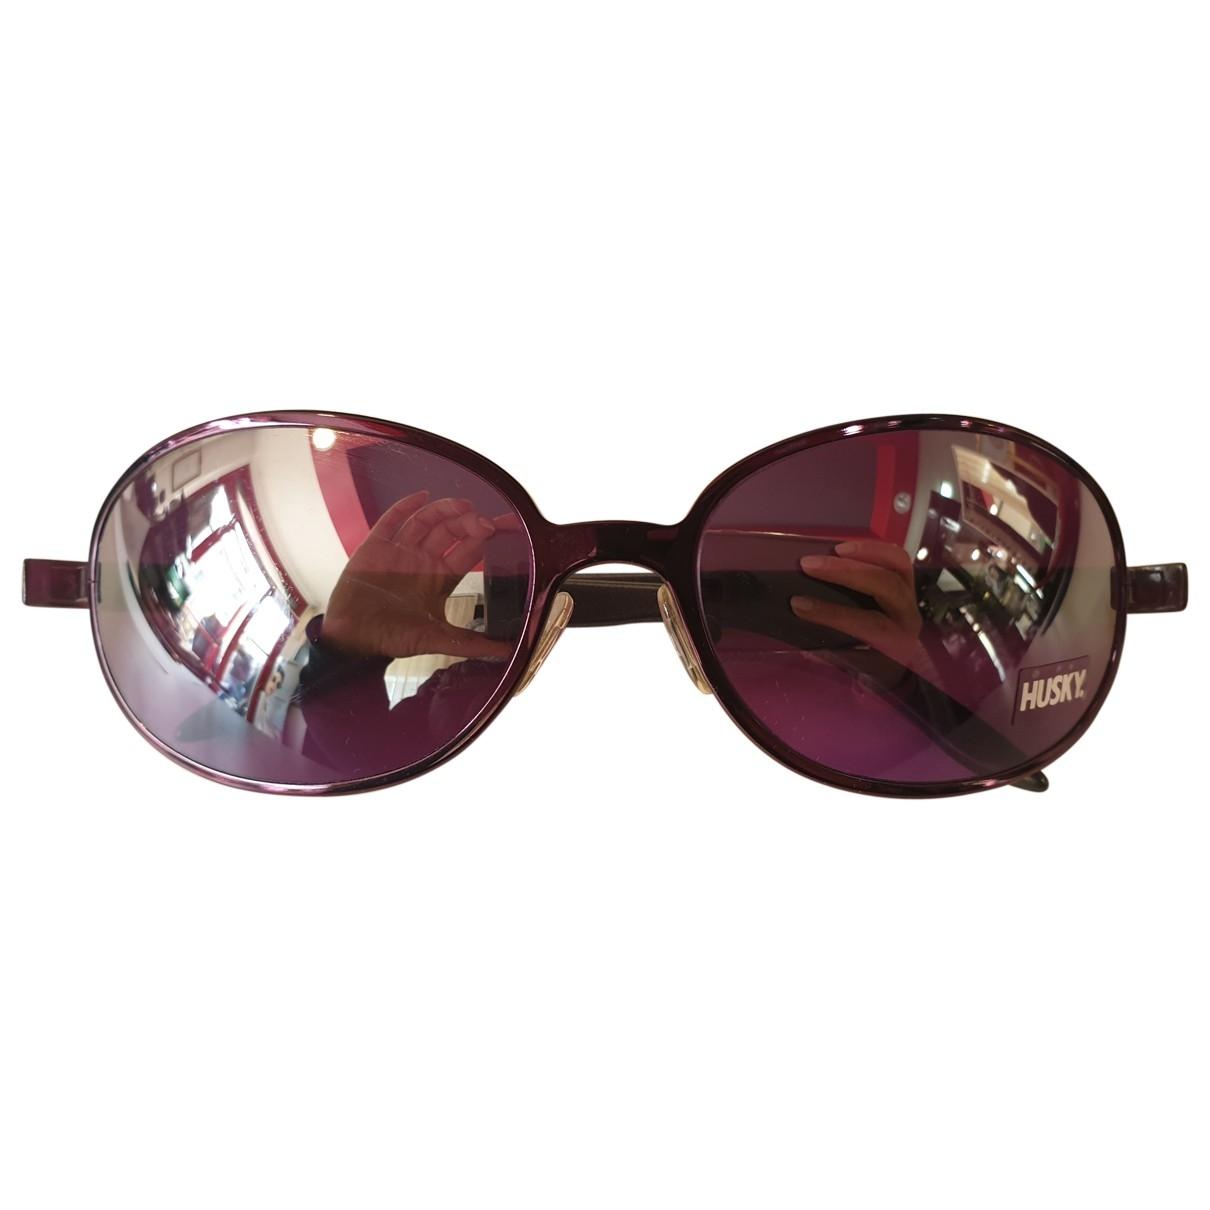 Husky - Lunettes   pour femme en metal - violet